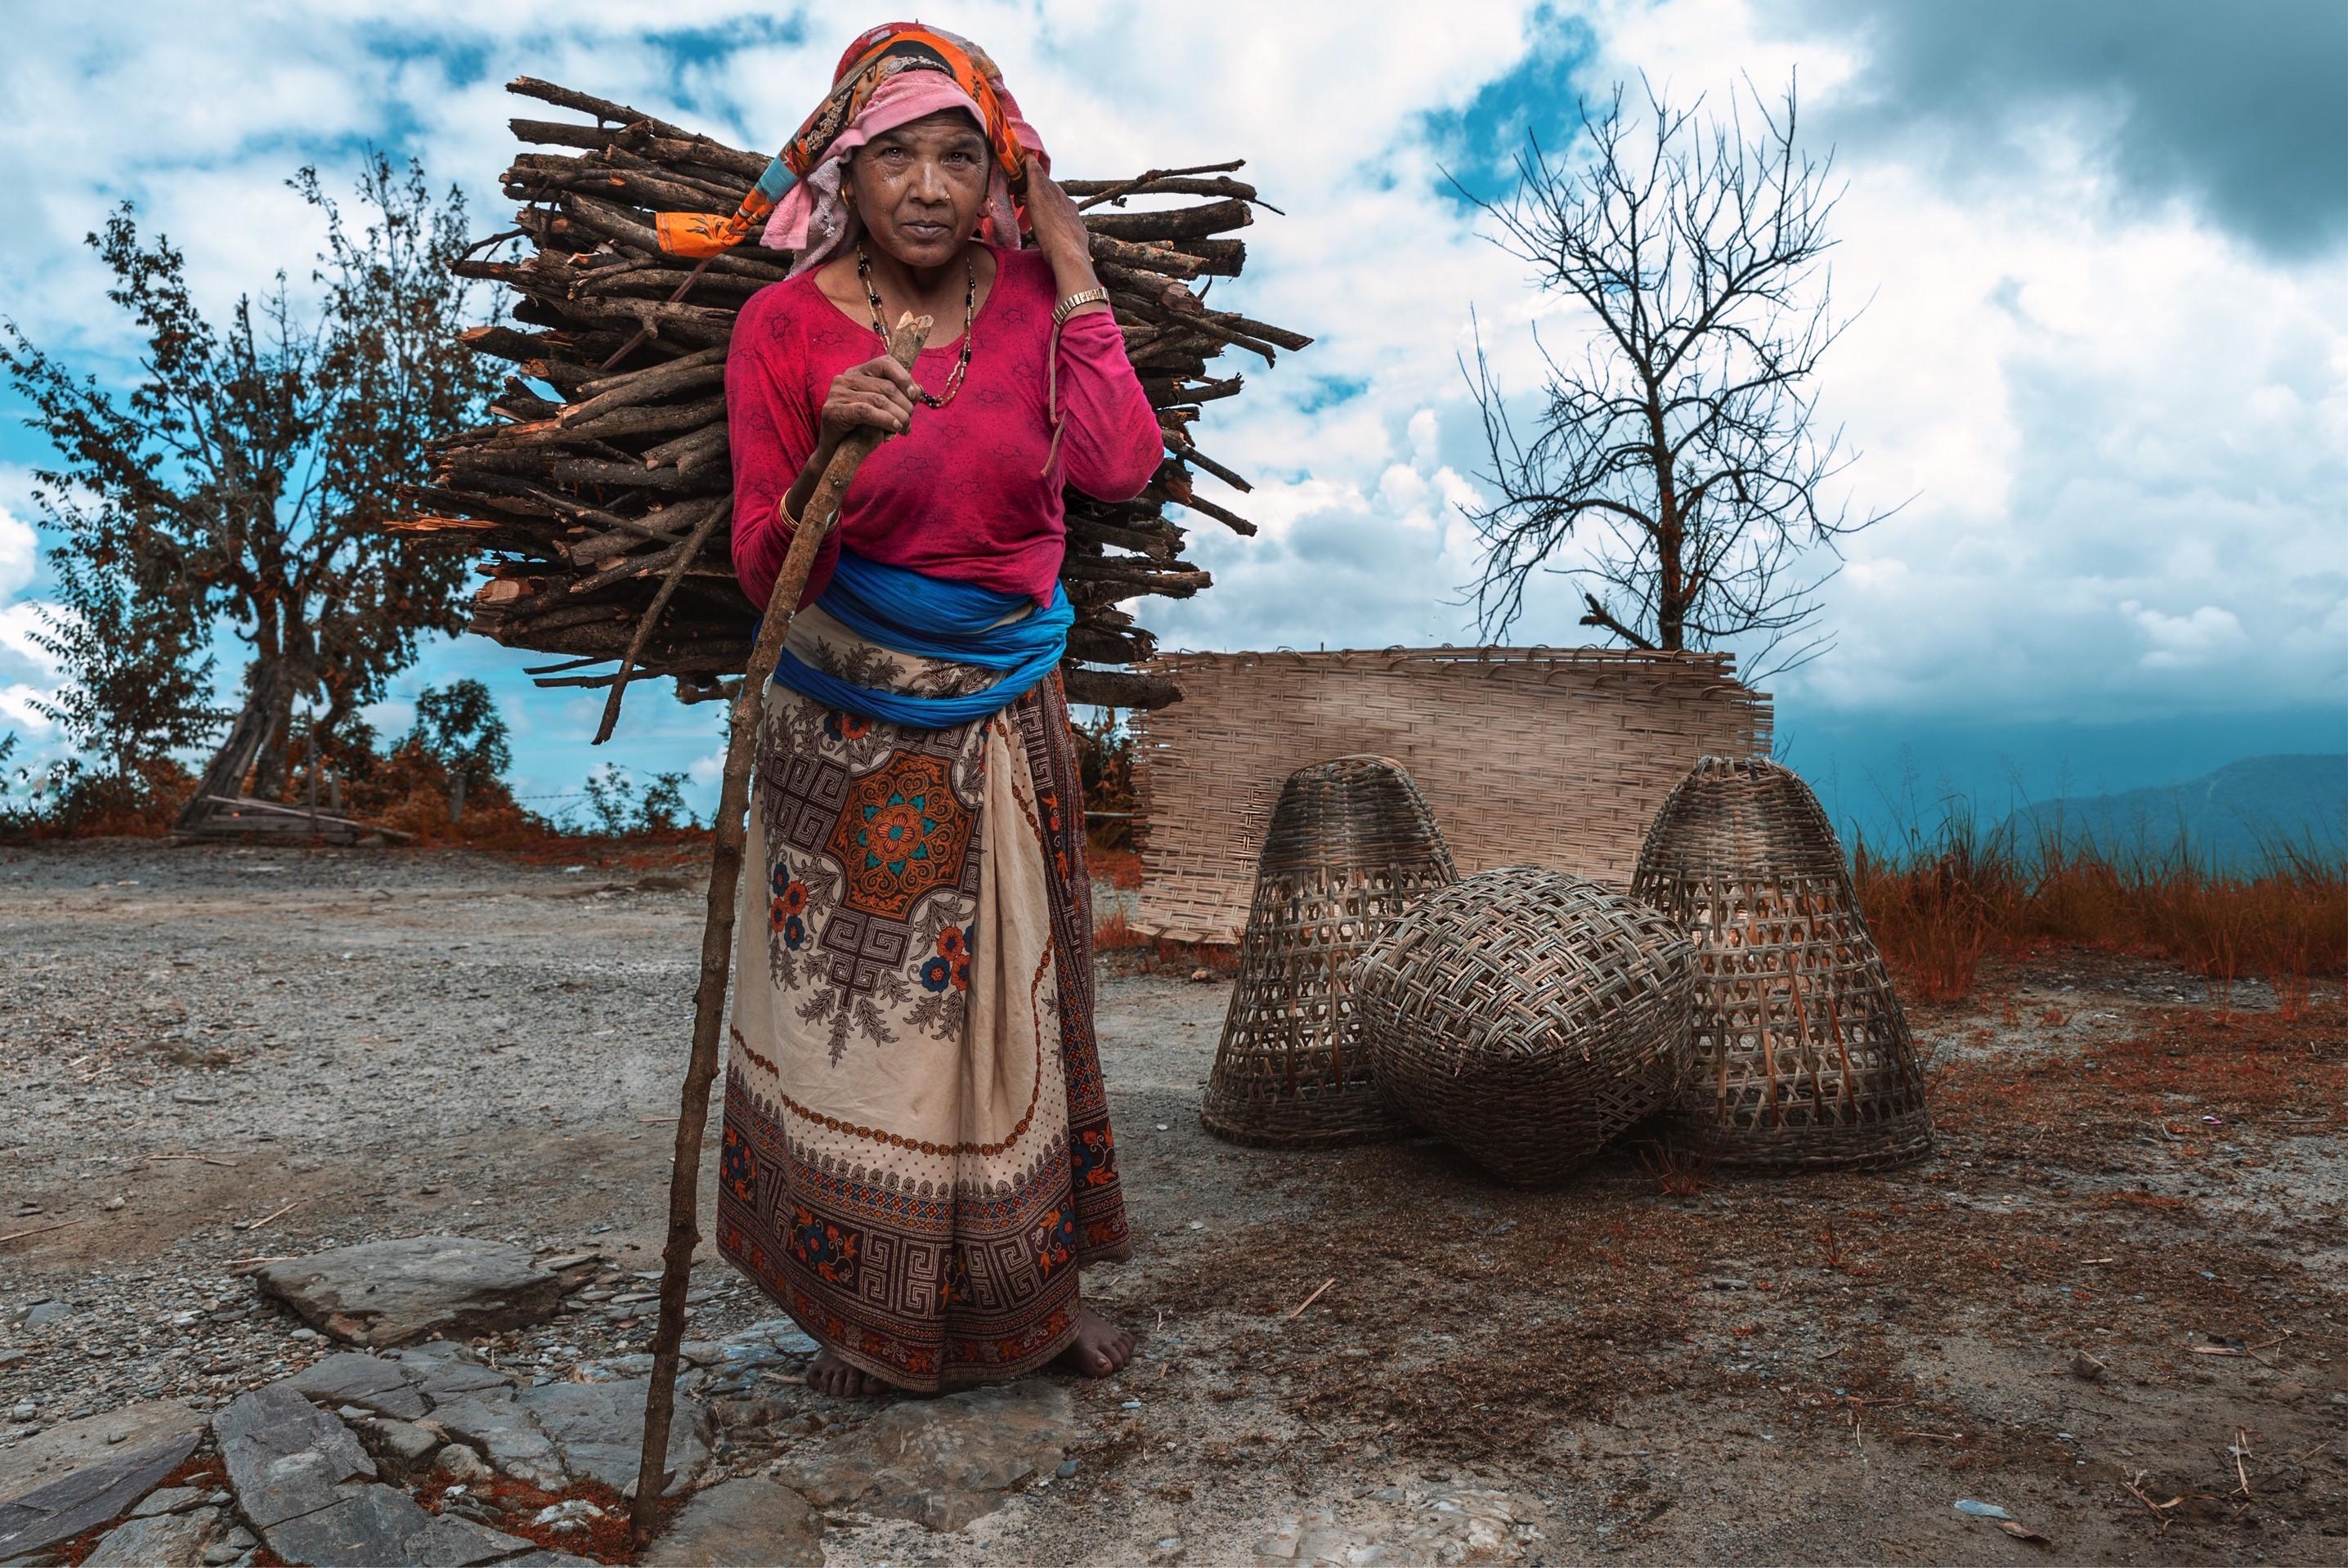 مرأة من إحدى قرى جبال الهيمالايا (حسن اليماني) 0.jpg